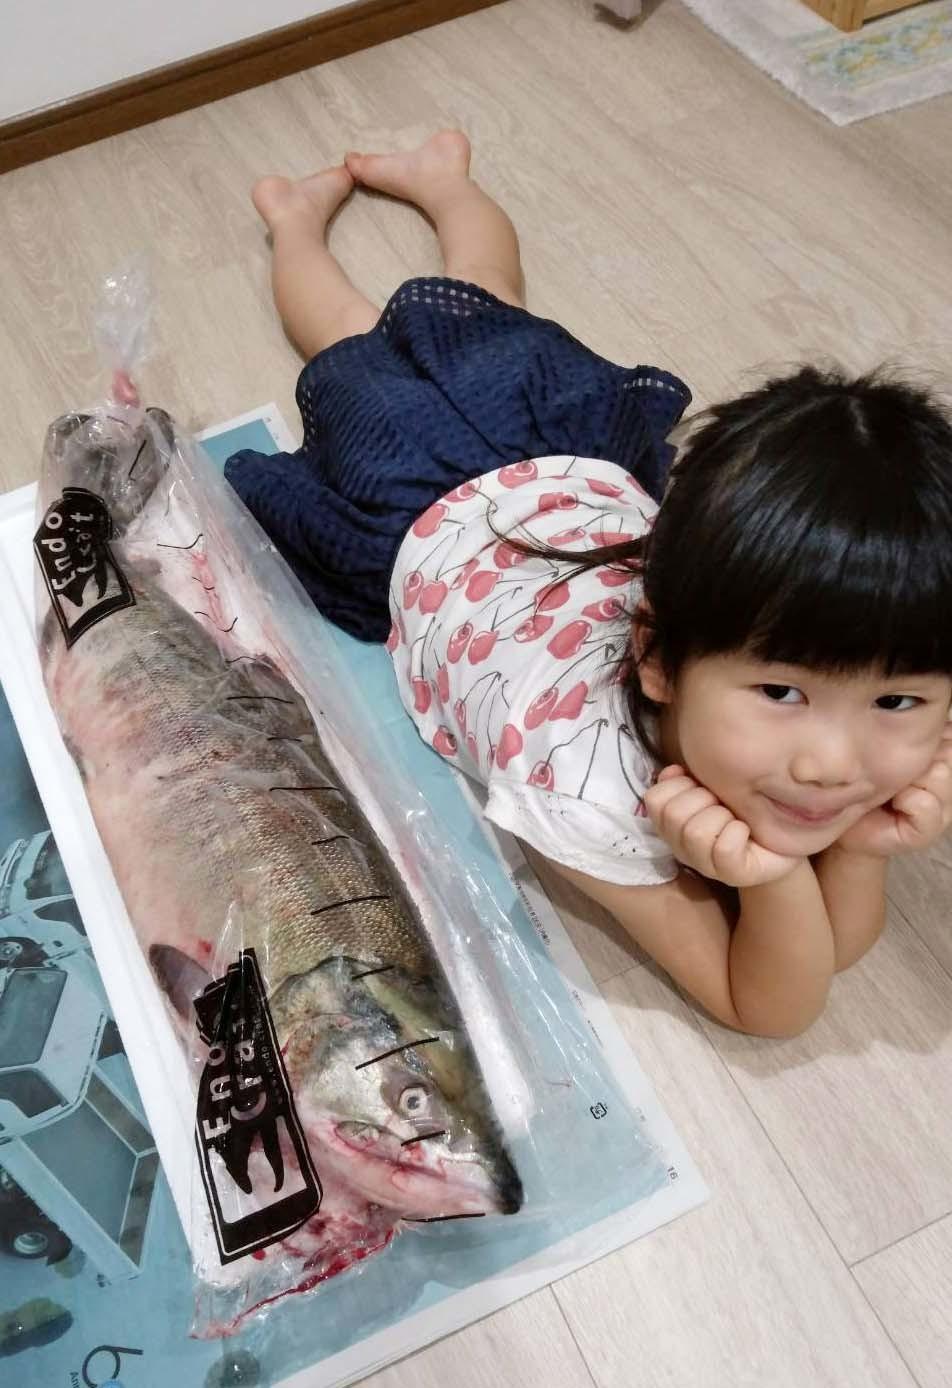 銀毛鮭・・・1匹ちょうだいしました!_d0377645_23142253.jpg